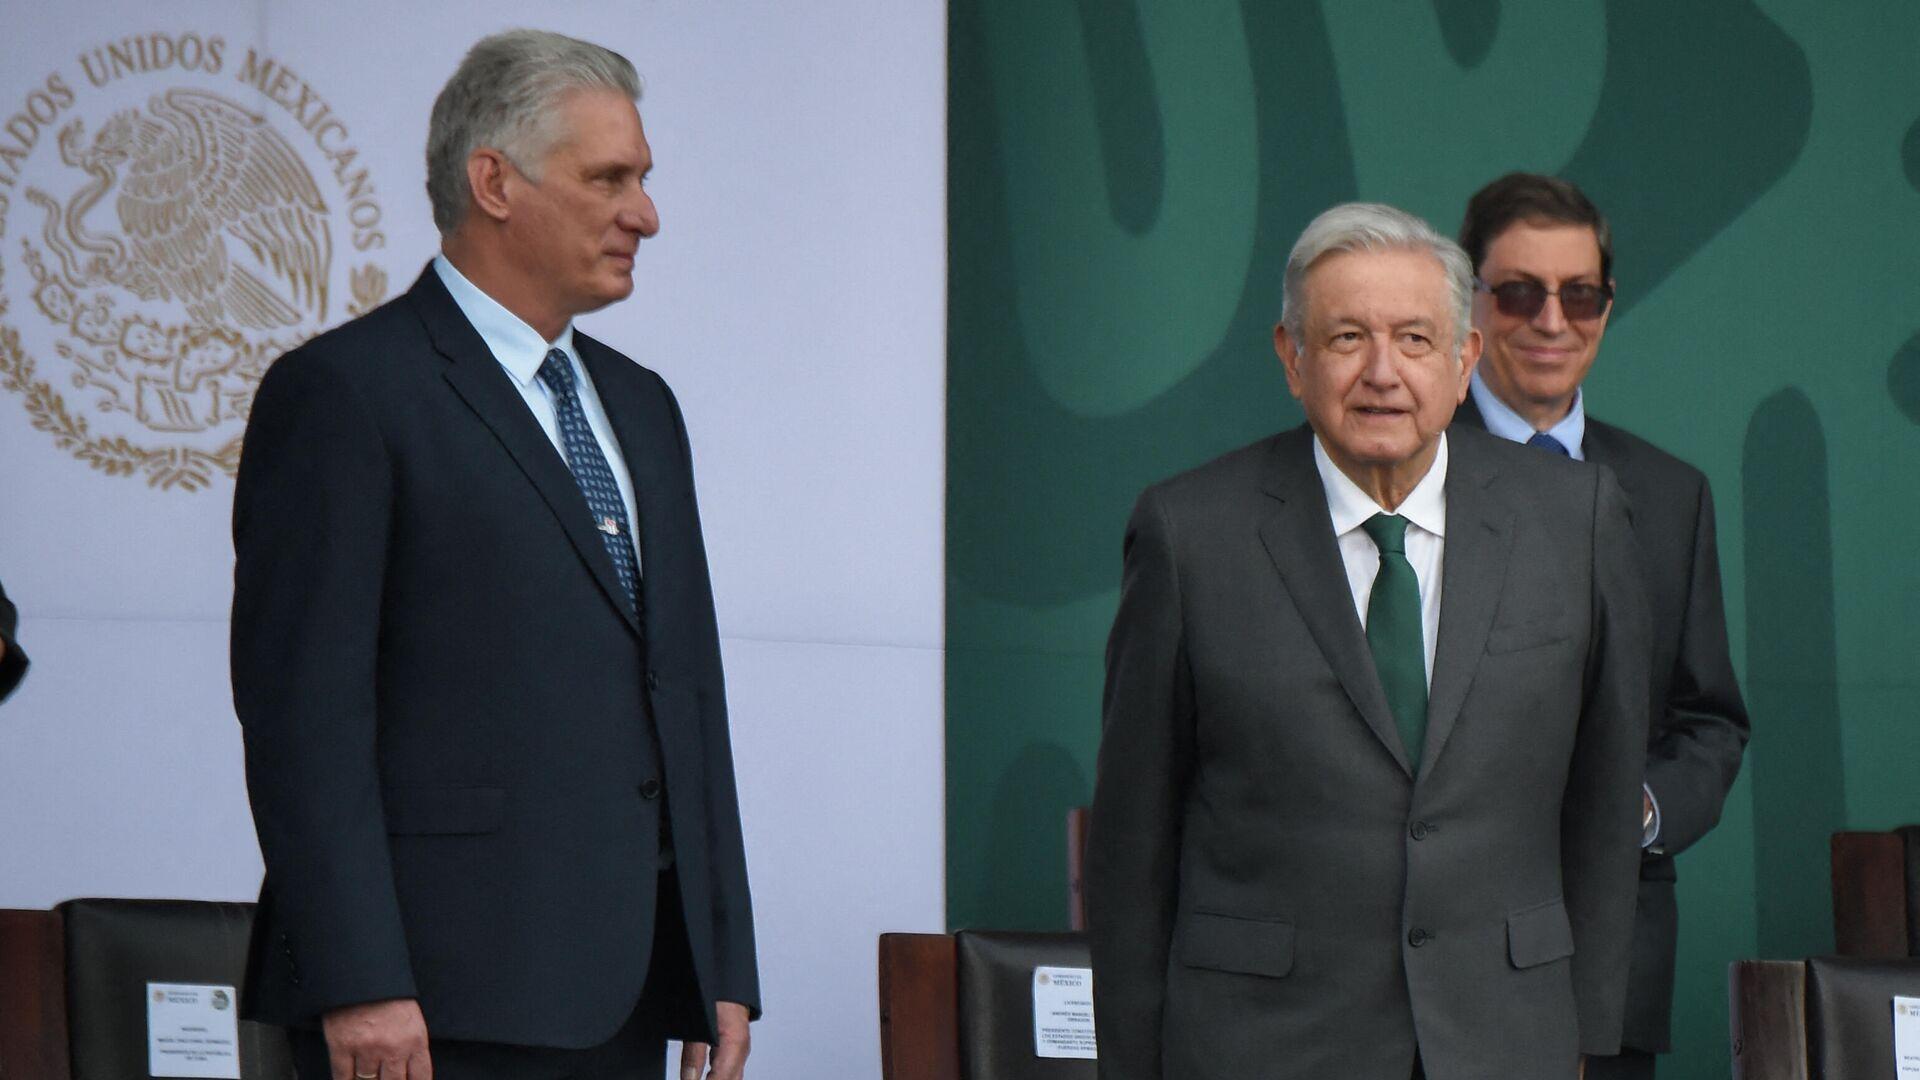 El presidente de Cuba, Miguel Díaz-Canel, a México, con su par mexicano Andrés Manuel López Obrador - Sputnik Mundo, 1920, 17.09.2021